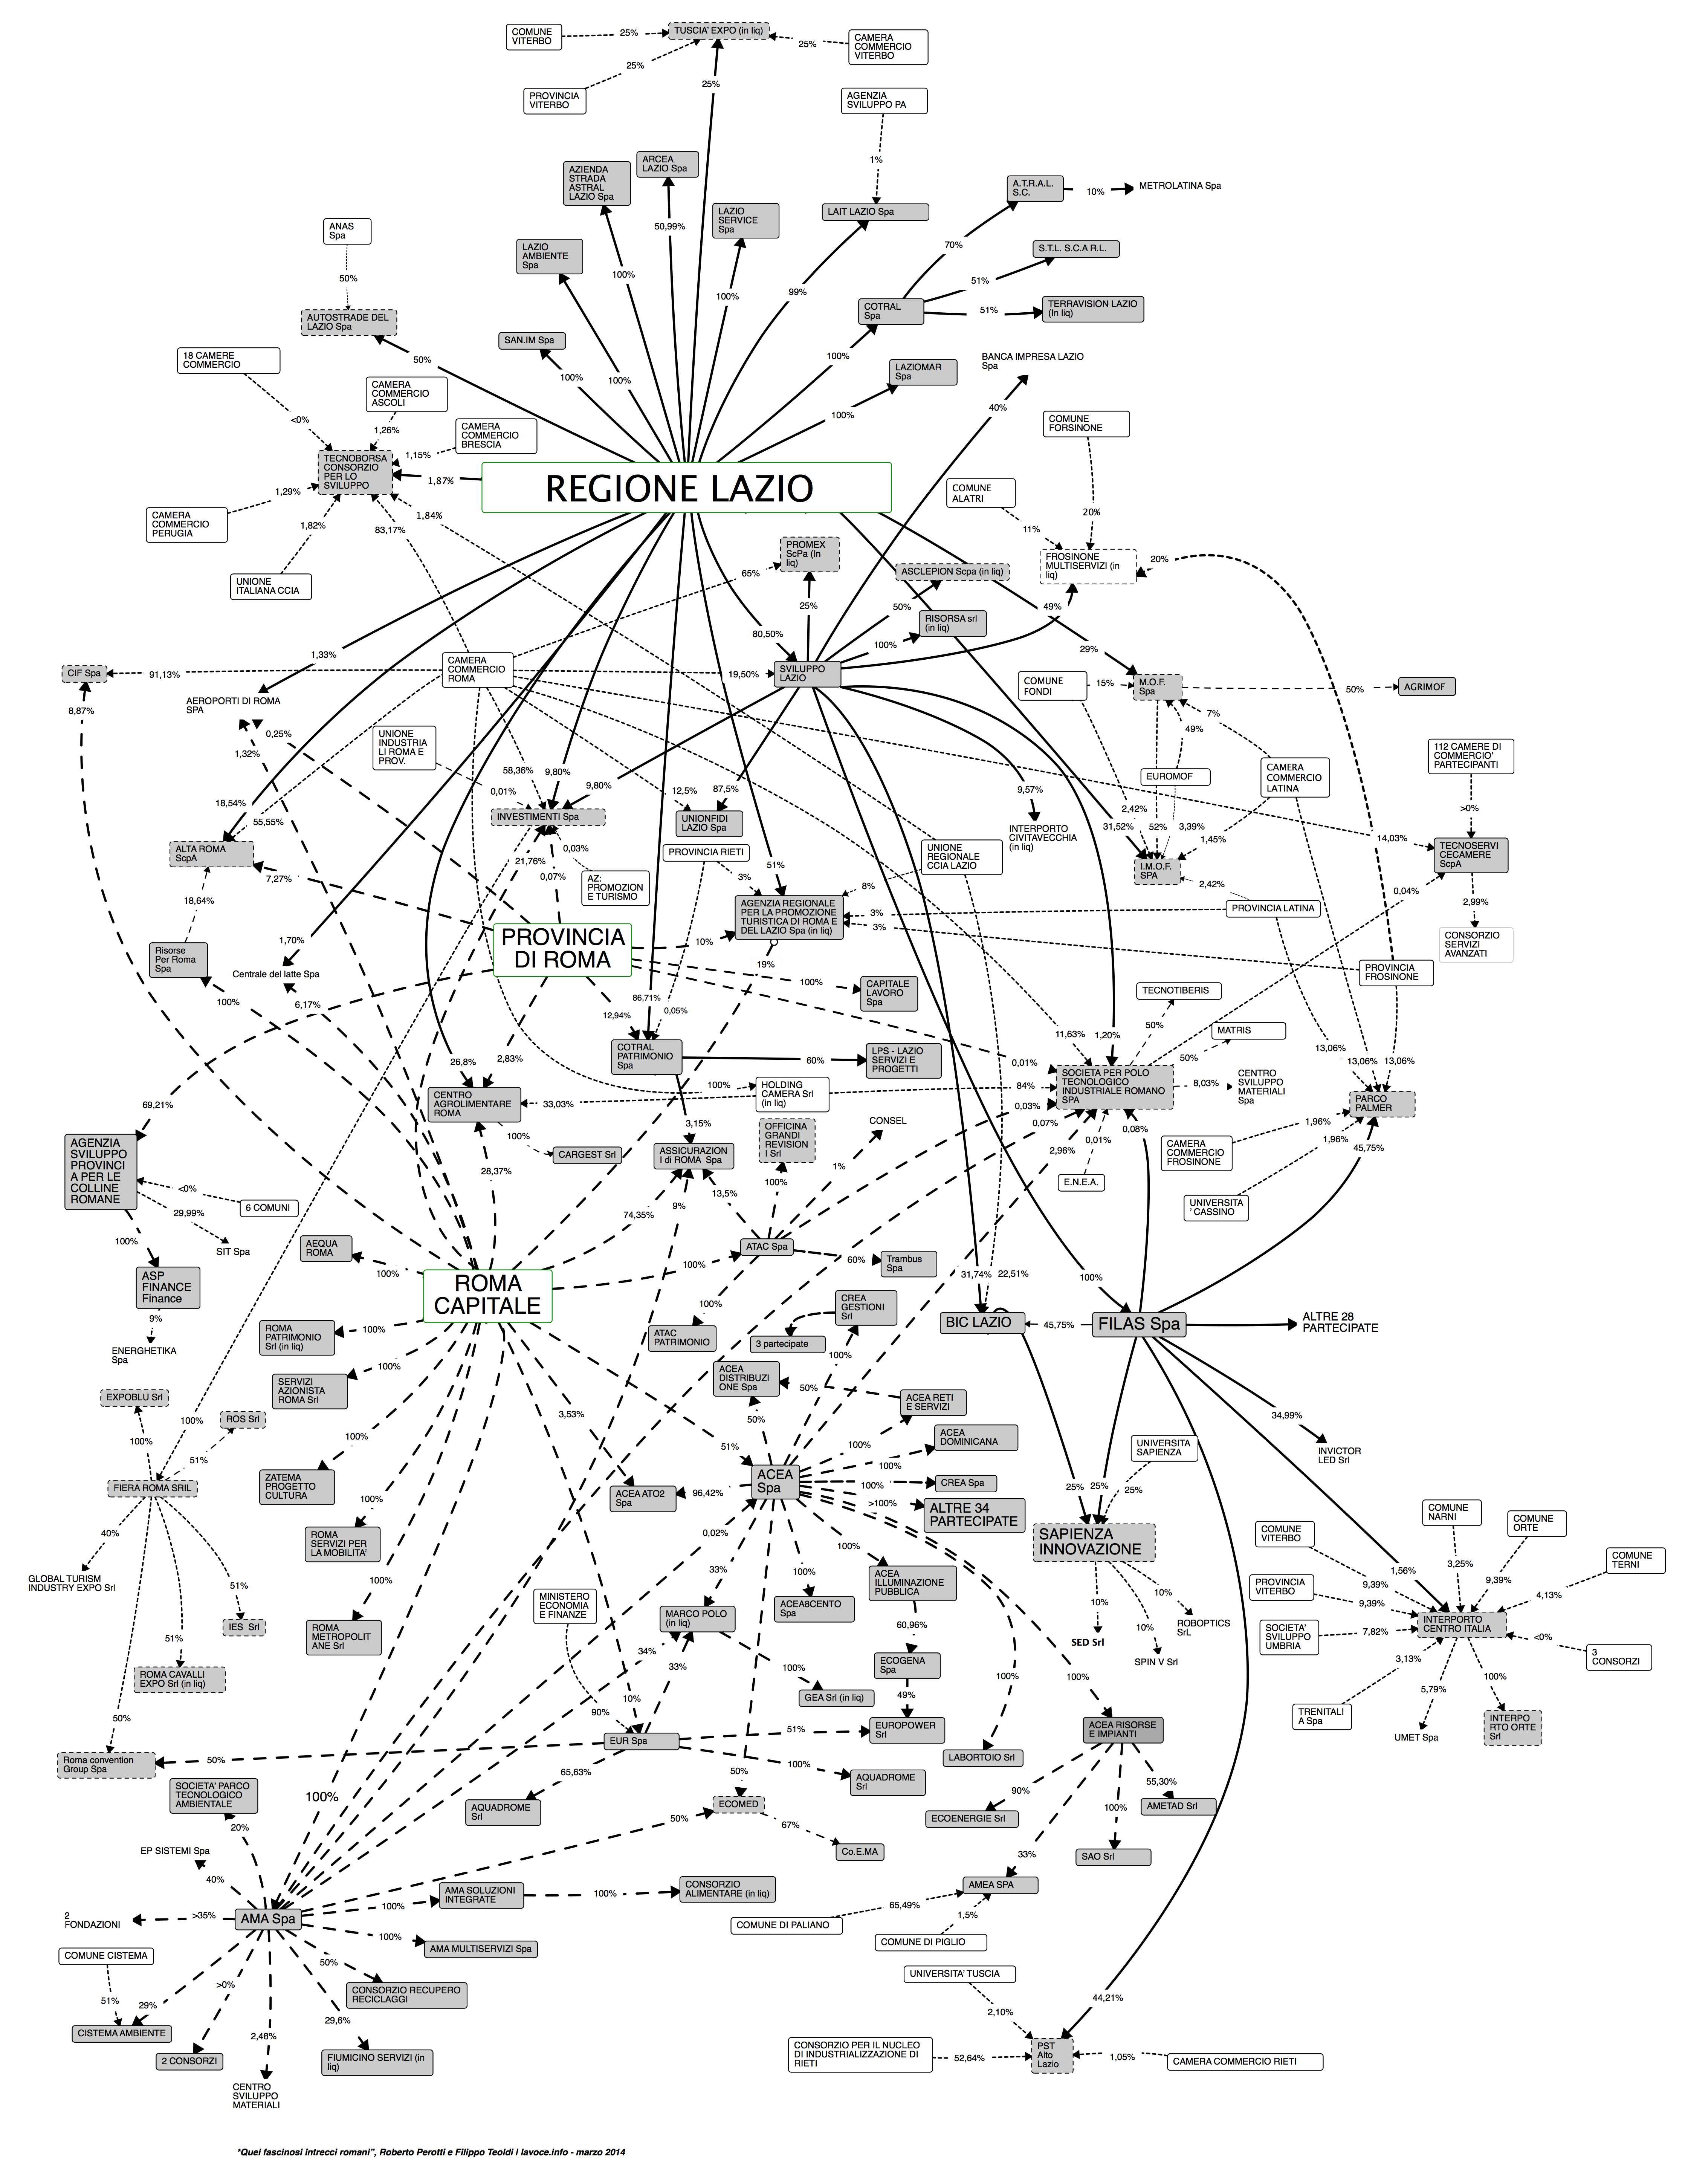 La mappa delle società partecipate a Roma e nel Lazio (LaVoce.info)